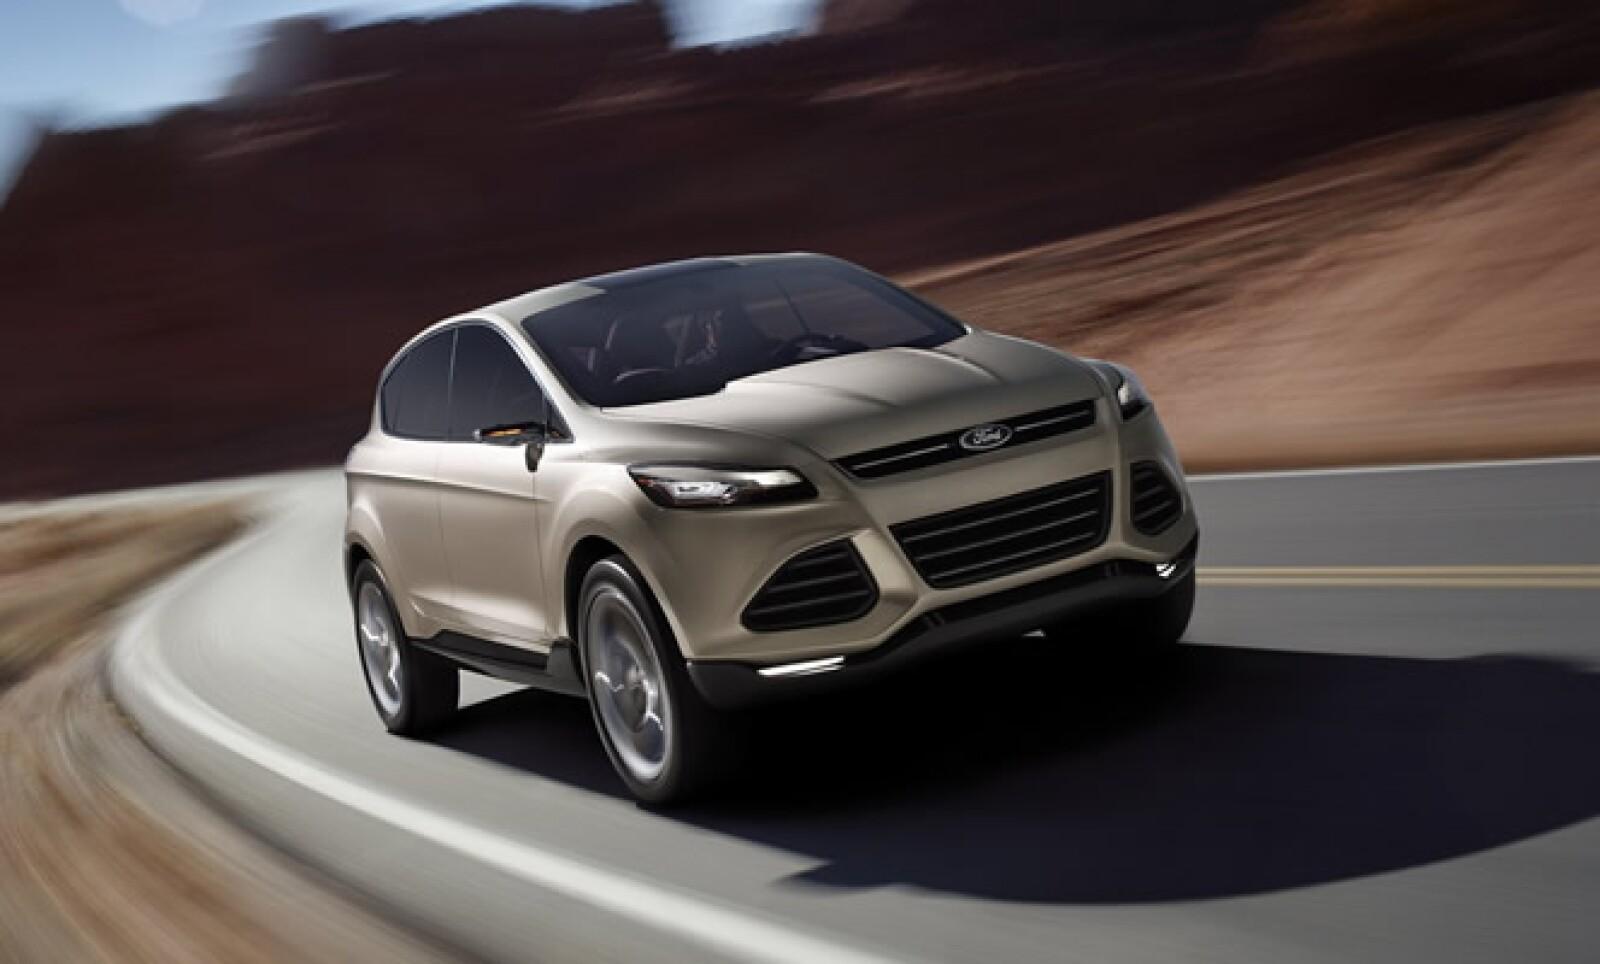 El último modelo que introdujo Ford es esta SUV, una evolución aerodinámica de la Escape del continente americano y el Kuga de Europa. Tendrá un motor Ecoboost que le ayudará a reducir sus emisiones hasta en un 20% y estará a la venta en 2012.